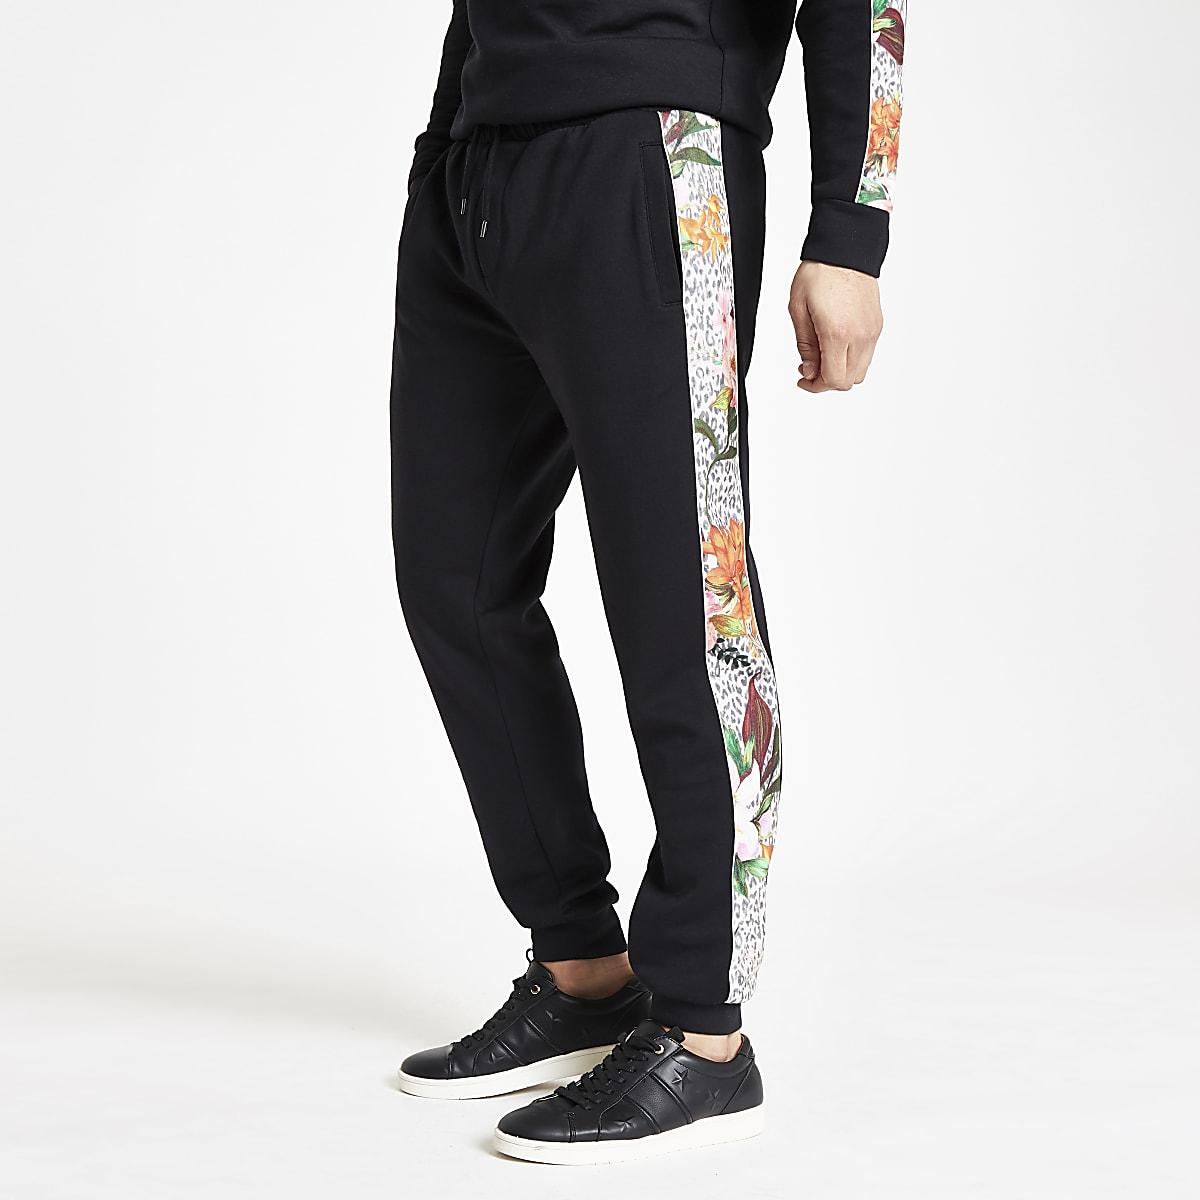 Zwarte slim-fit joggingbroek met luipaard- en bloemenprint